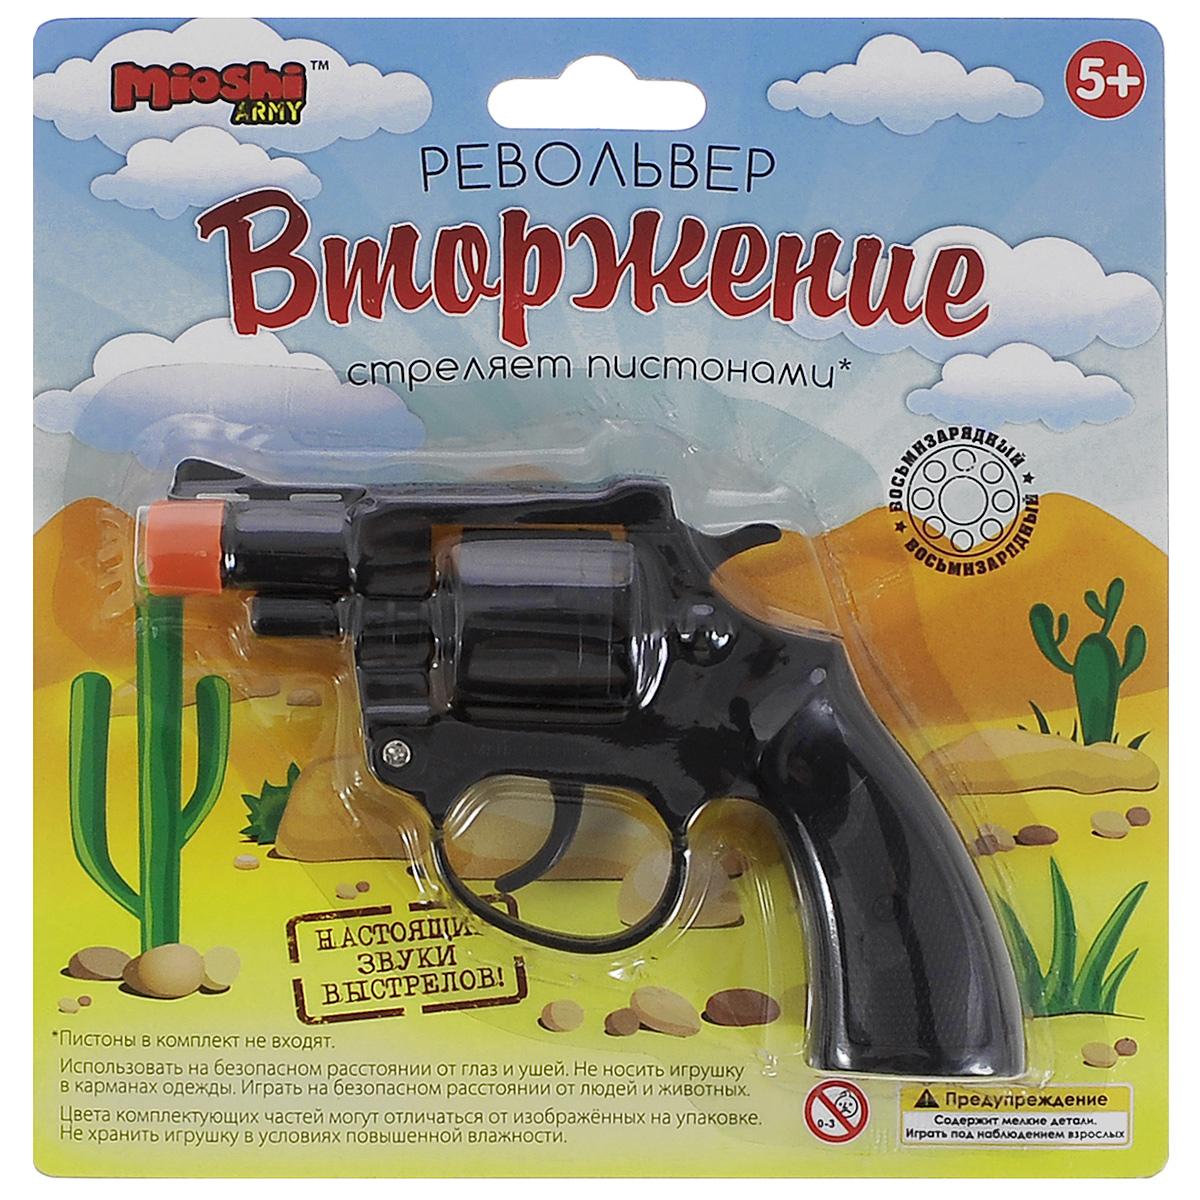 Револьвер Mioshi Army Вторжение, цвет: черныйMAR1107-001Восьмизарядный револьвер с пистонами Вторжение - это одновременно функциональная и безопасная игрушка. Сильный хлопок, похожий на звук настоящего выстрела, реалистичный дизайн оружия - все это не оставит равнодушным ни одного мальчика! Корпус и барабан пистолета выполнены из прочного металла.